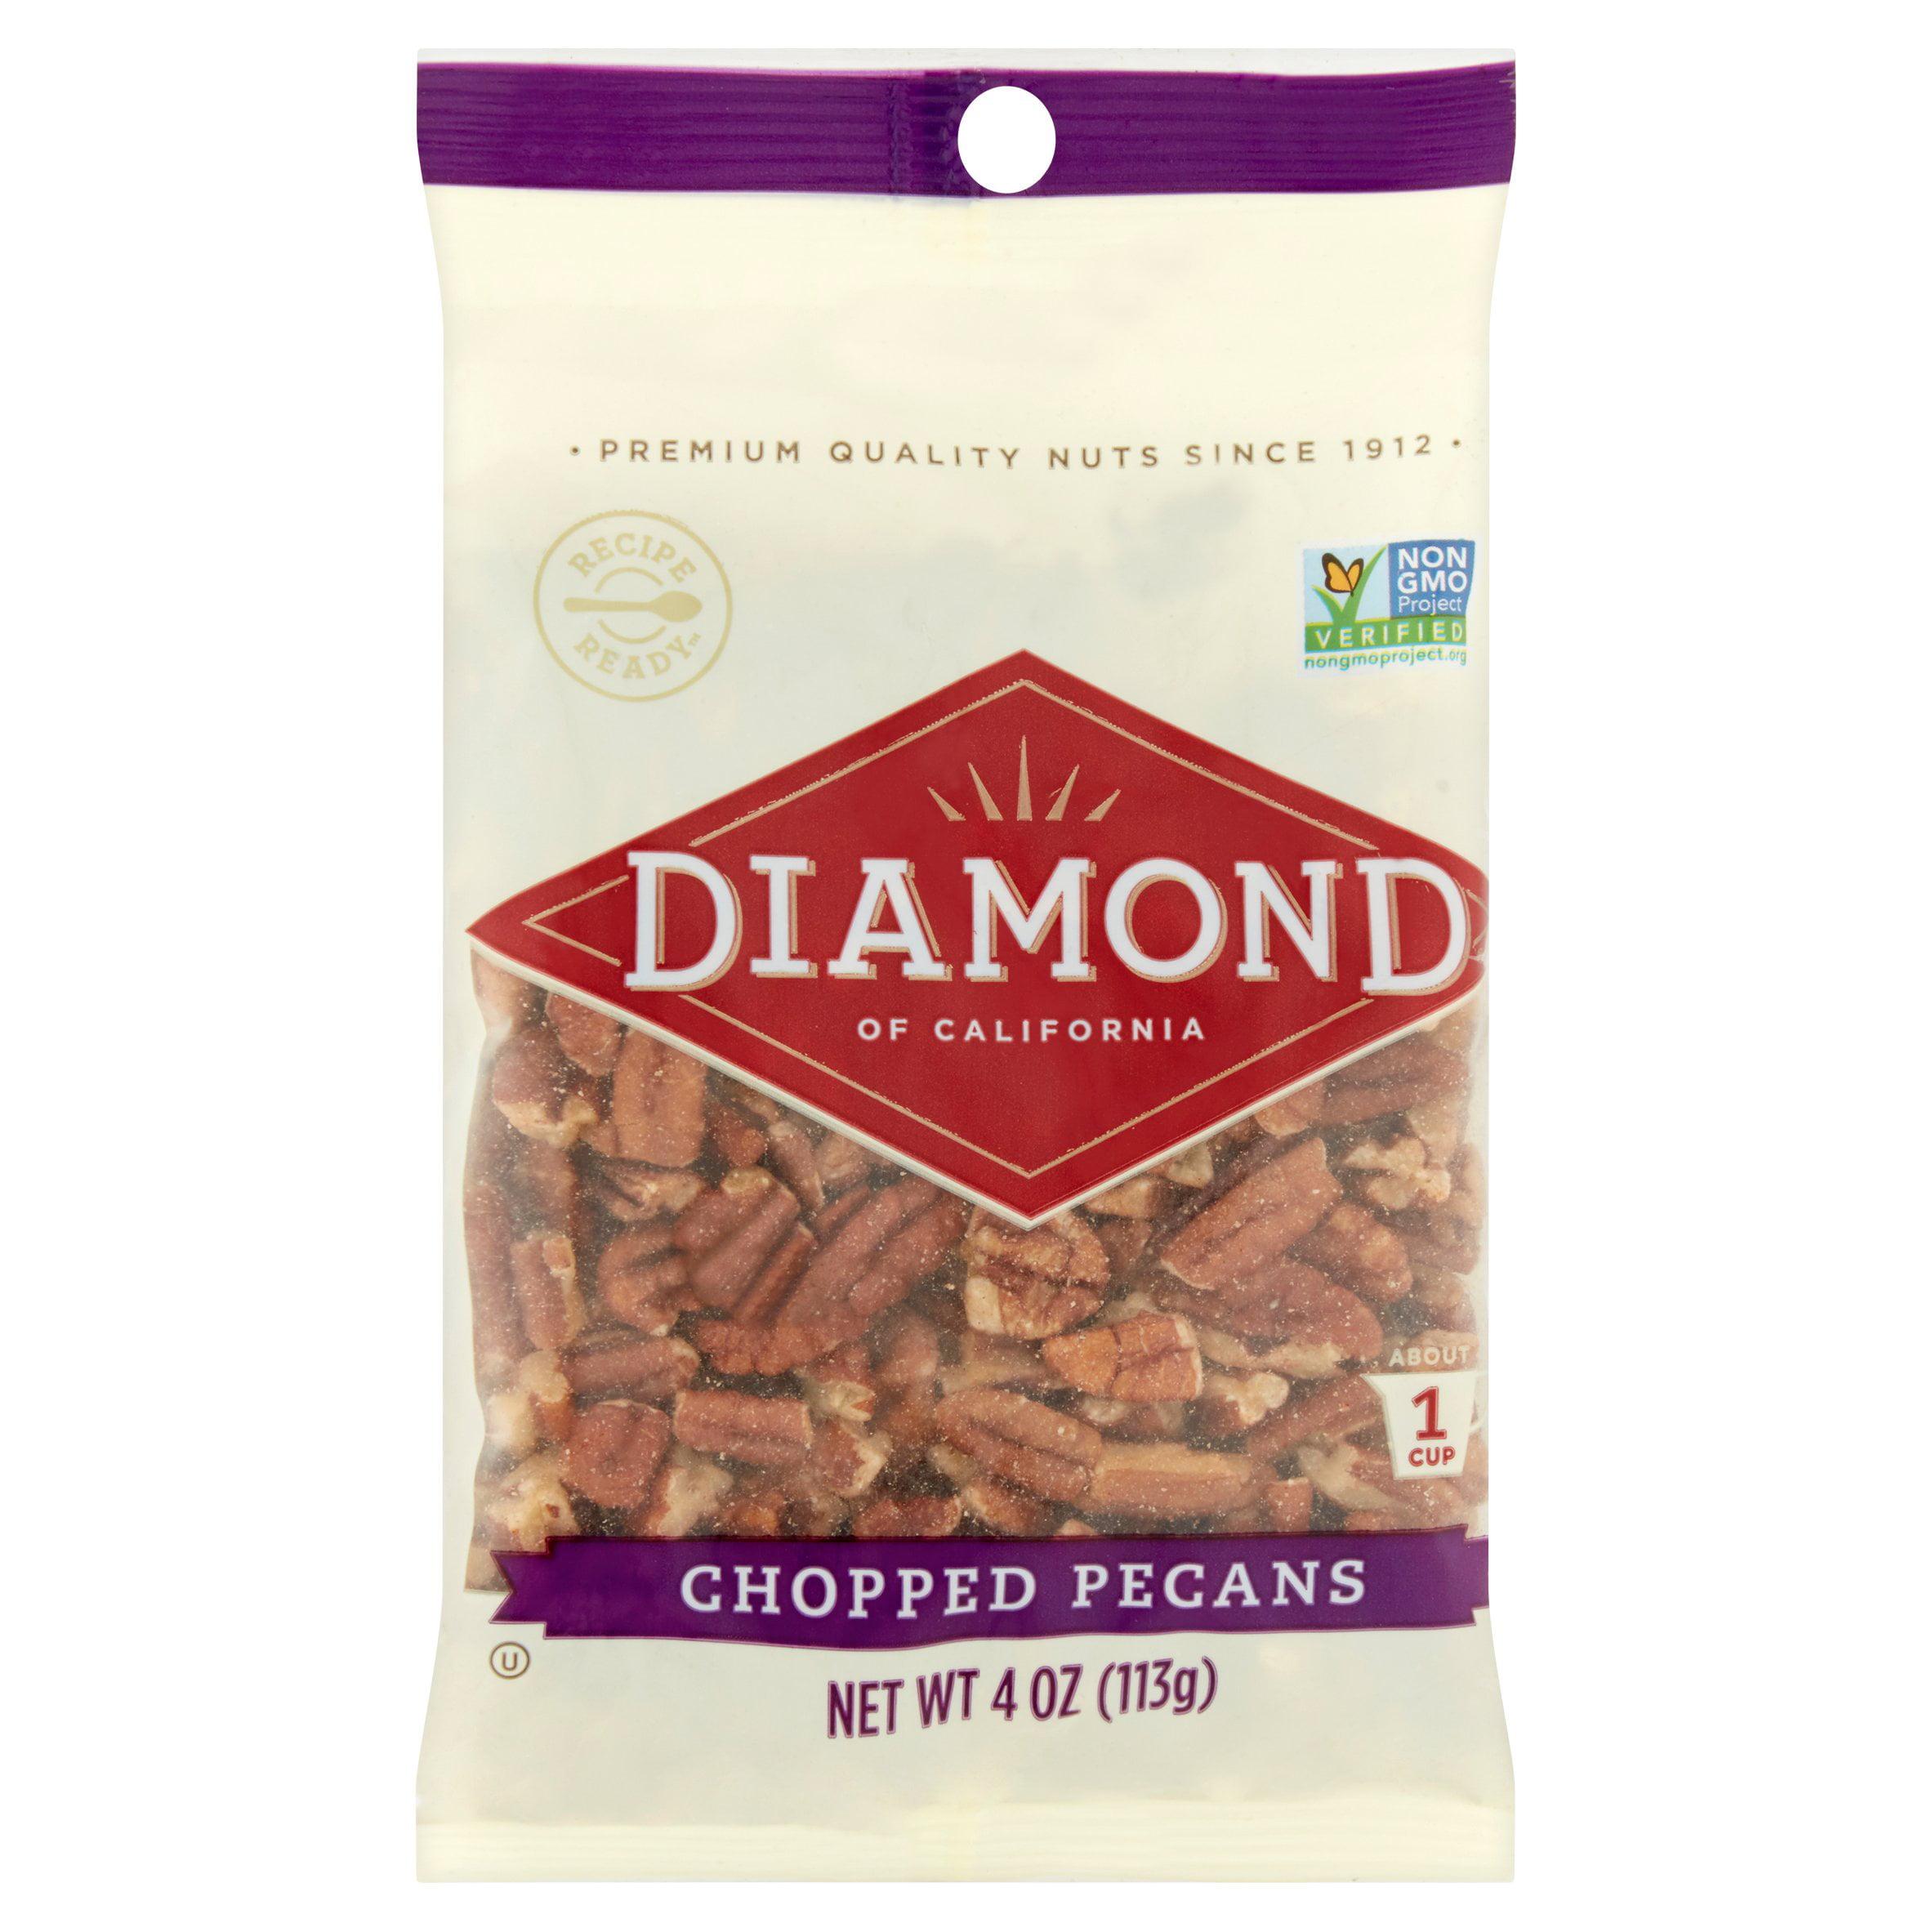 Diamond Of California: Chopped Pecans, 4 oz by Diamond Foods, Inc.